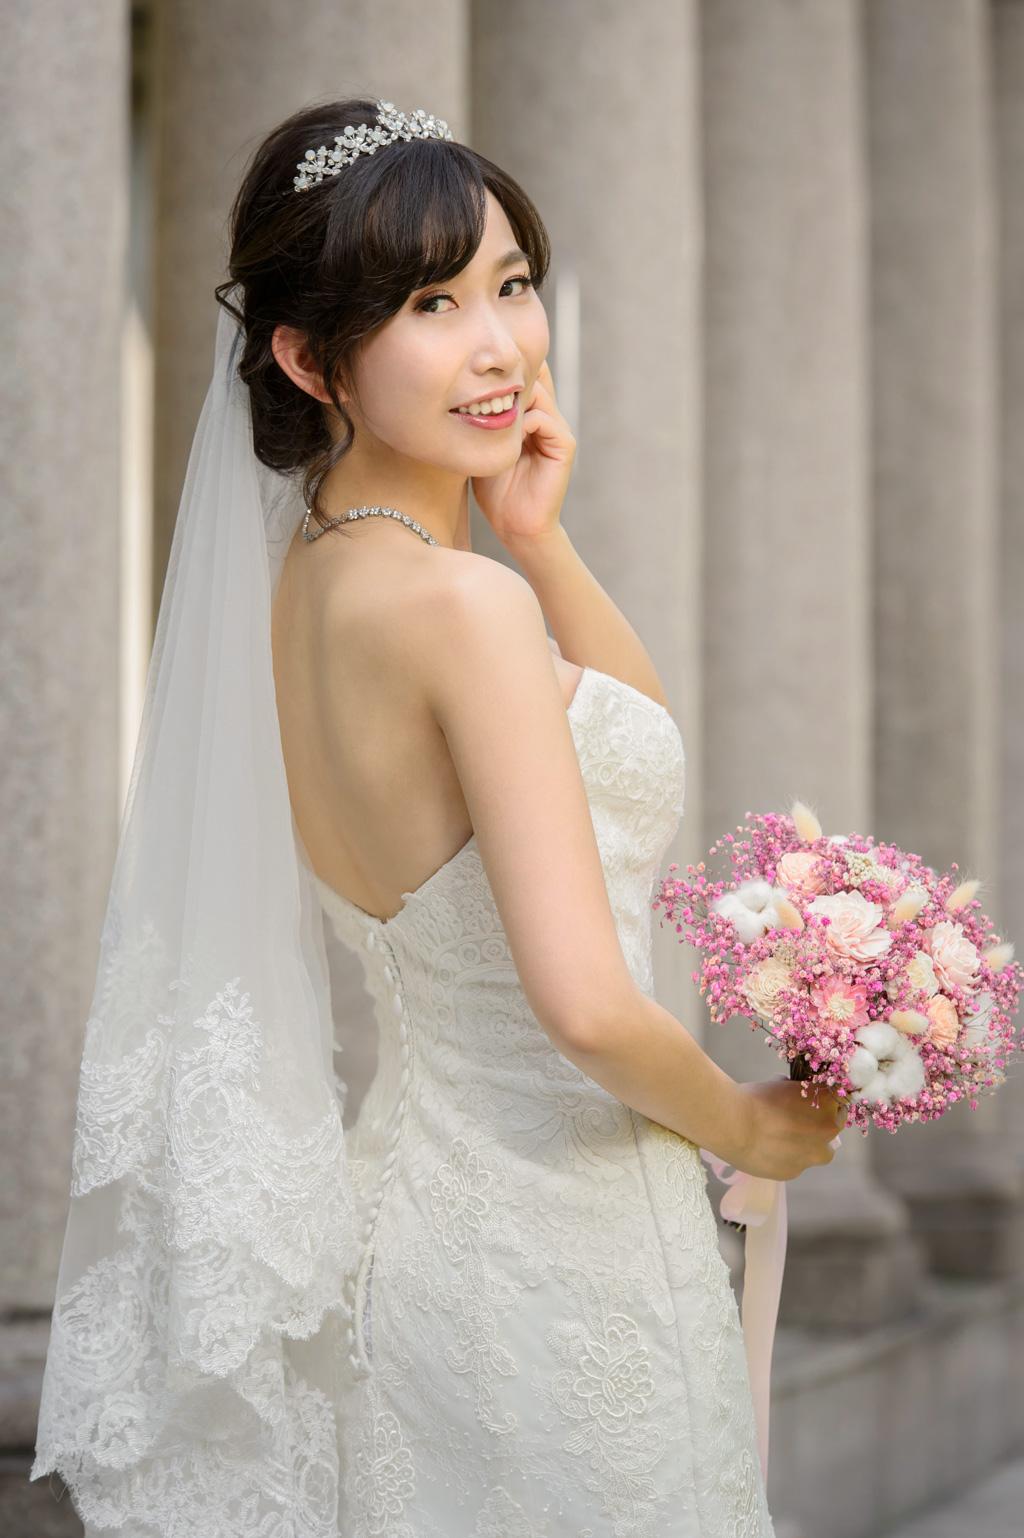 婚攝小勇, 小寶團隊, 自助婚紗,藝紋,Che?ri 法式手工婚紗-002